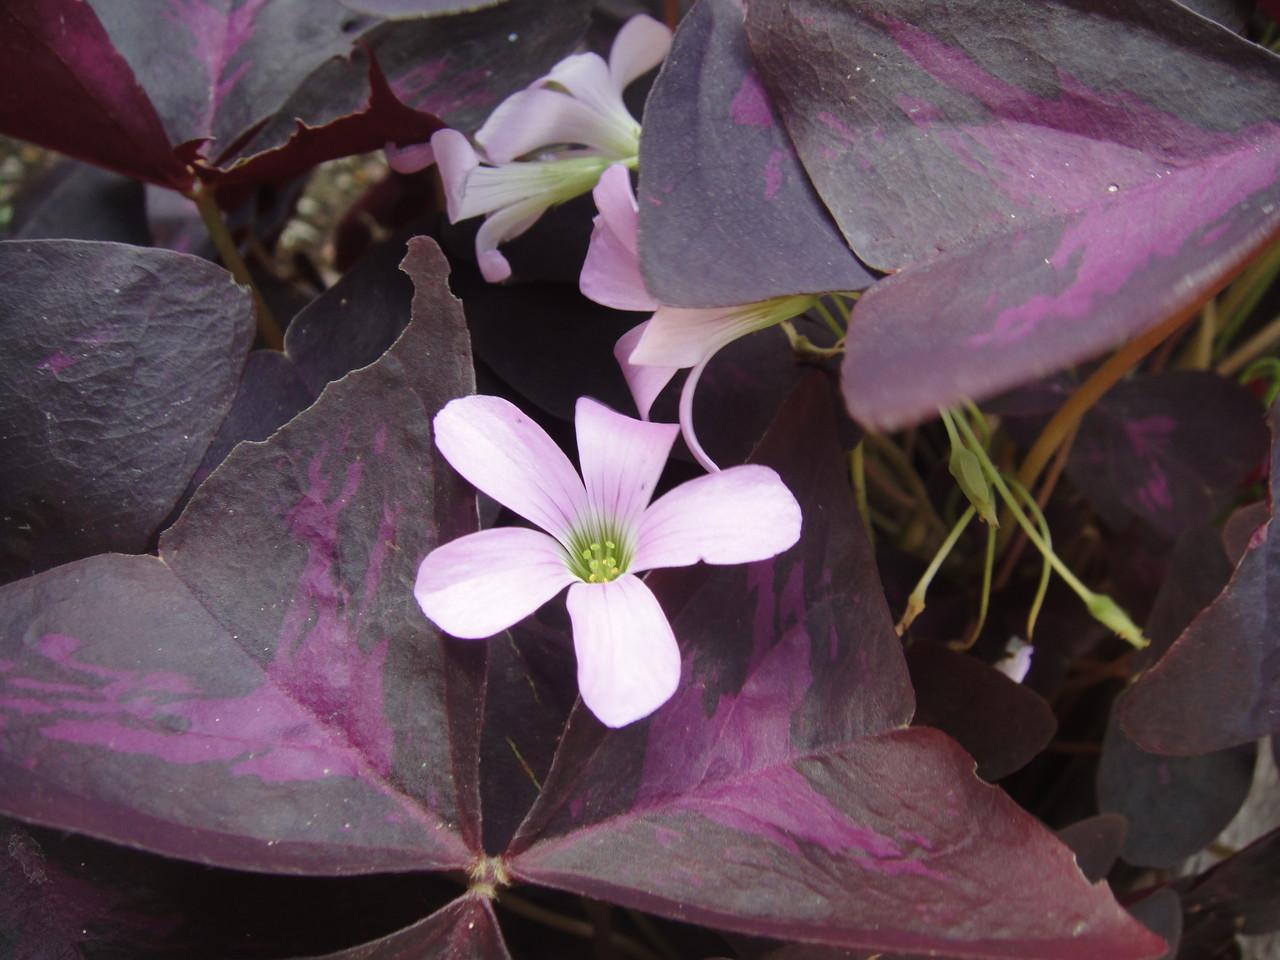 オキザリス得にこの種類が強い、抜いても②毎年思いもよらない所で花を咲かす